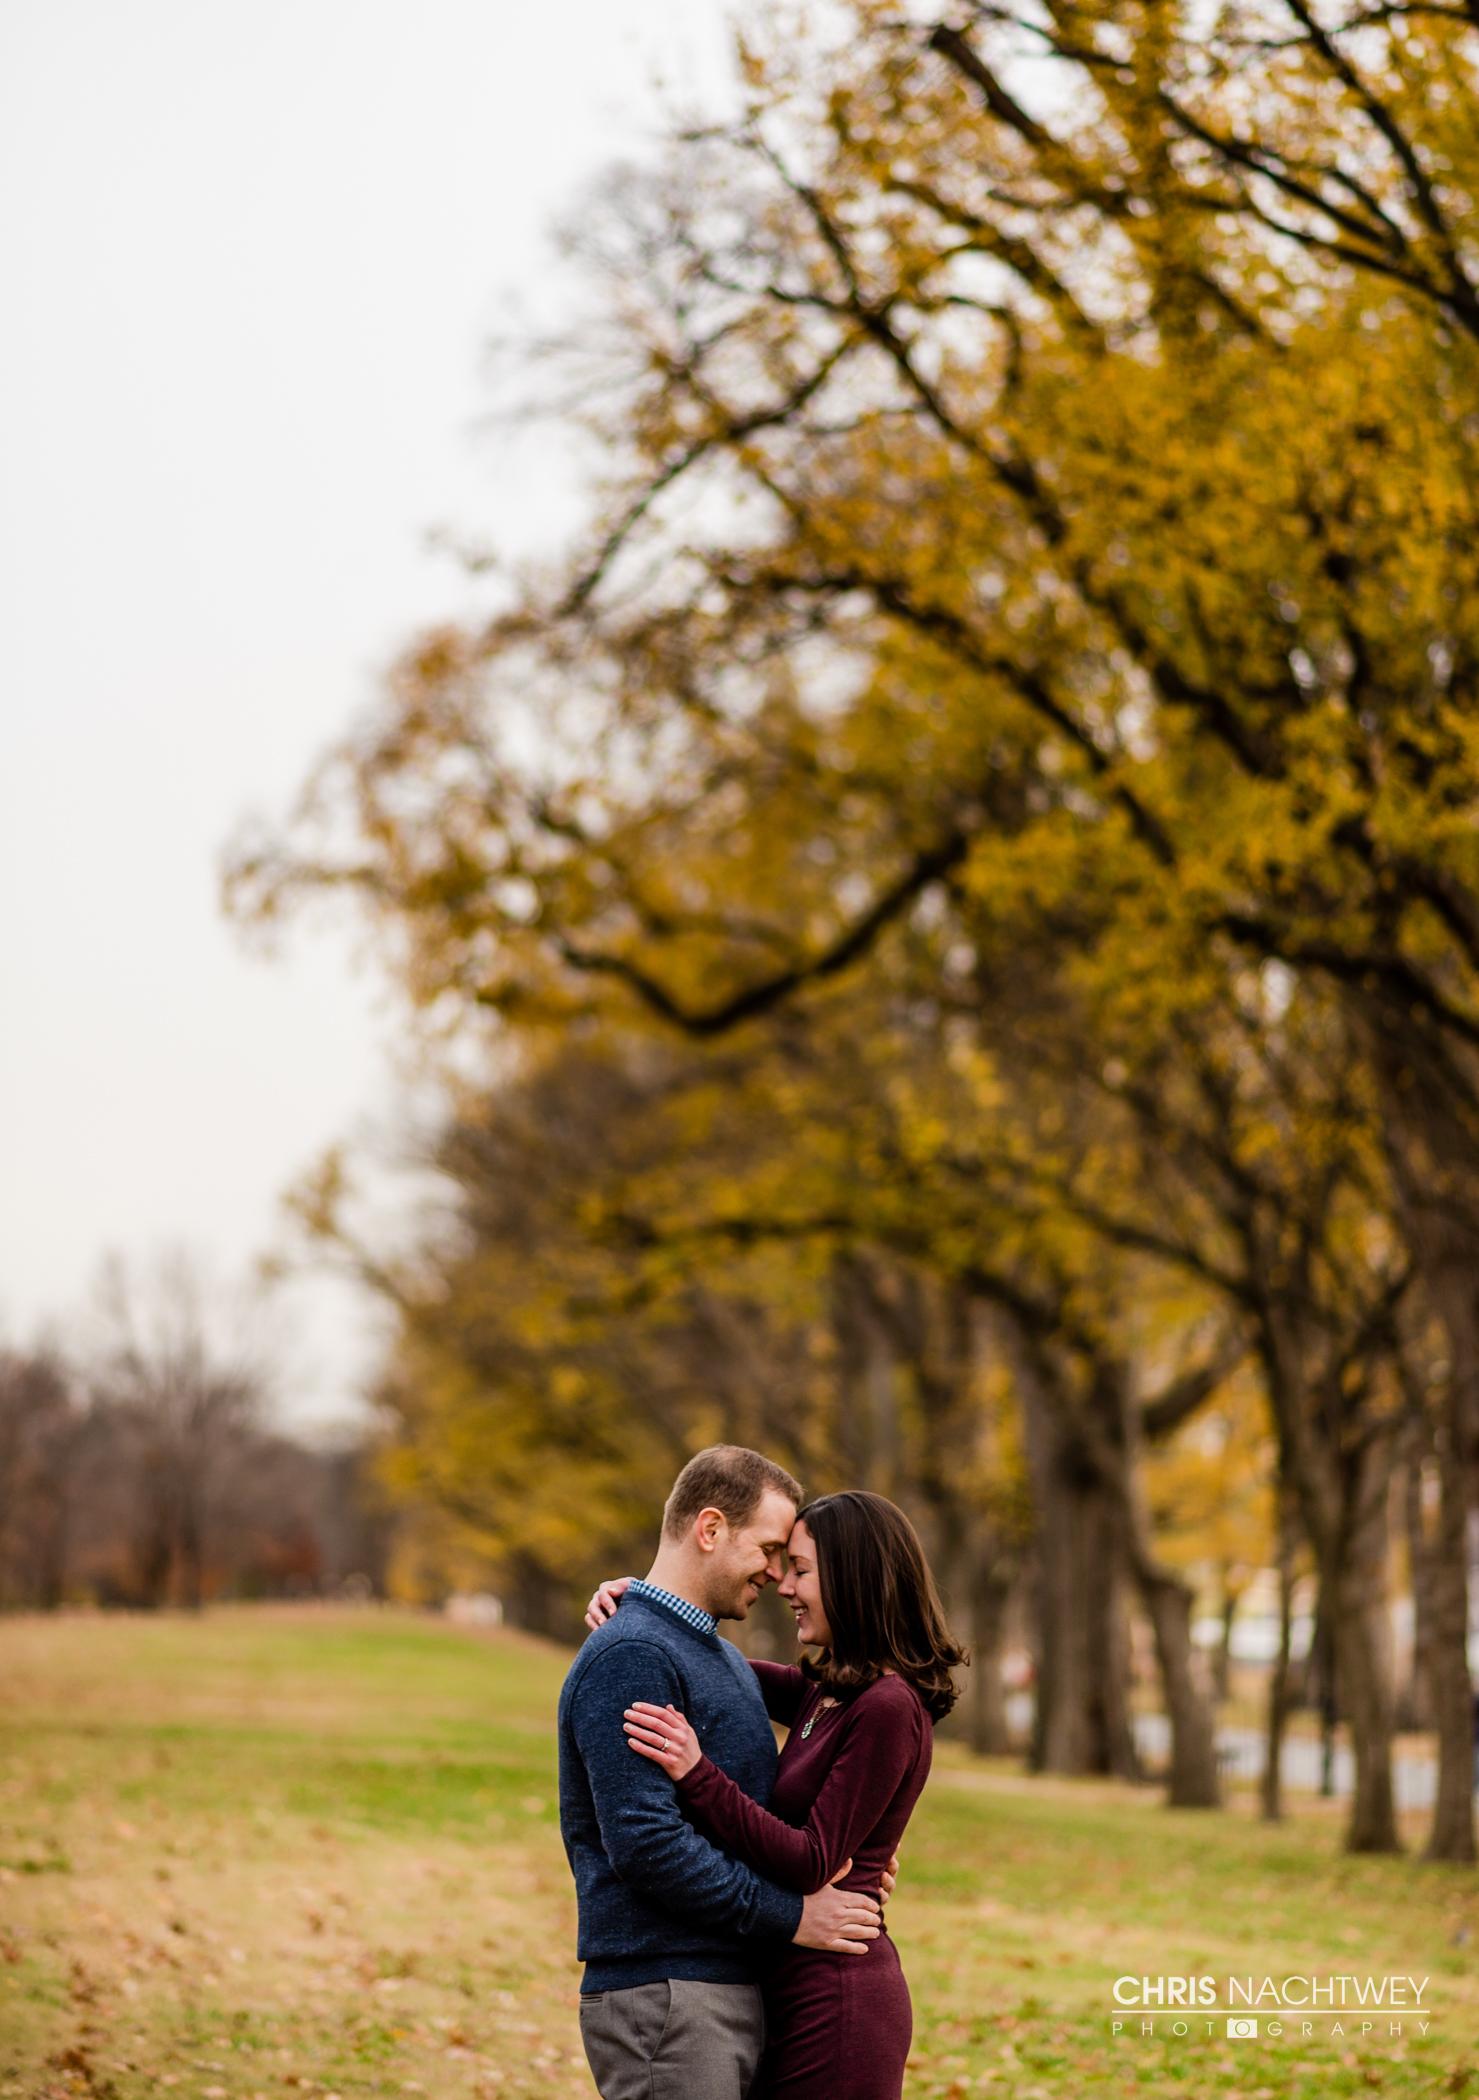 destination-wedding-photographers-in-connecticut-chris-nachtwey.jpg